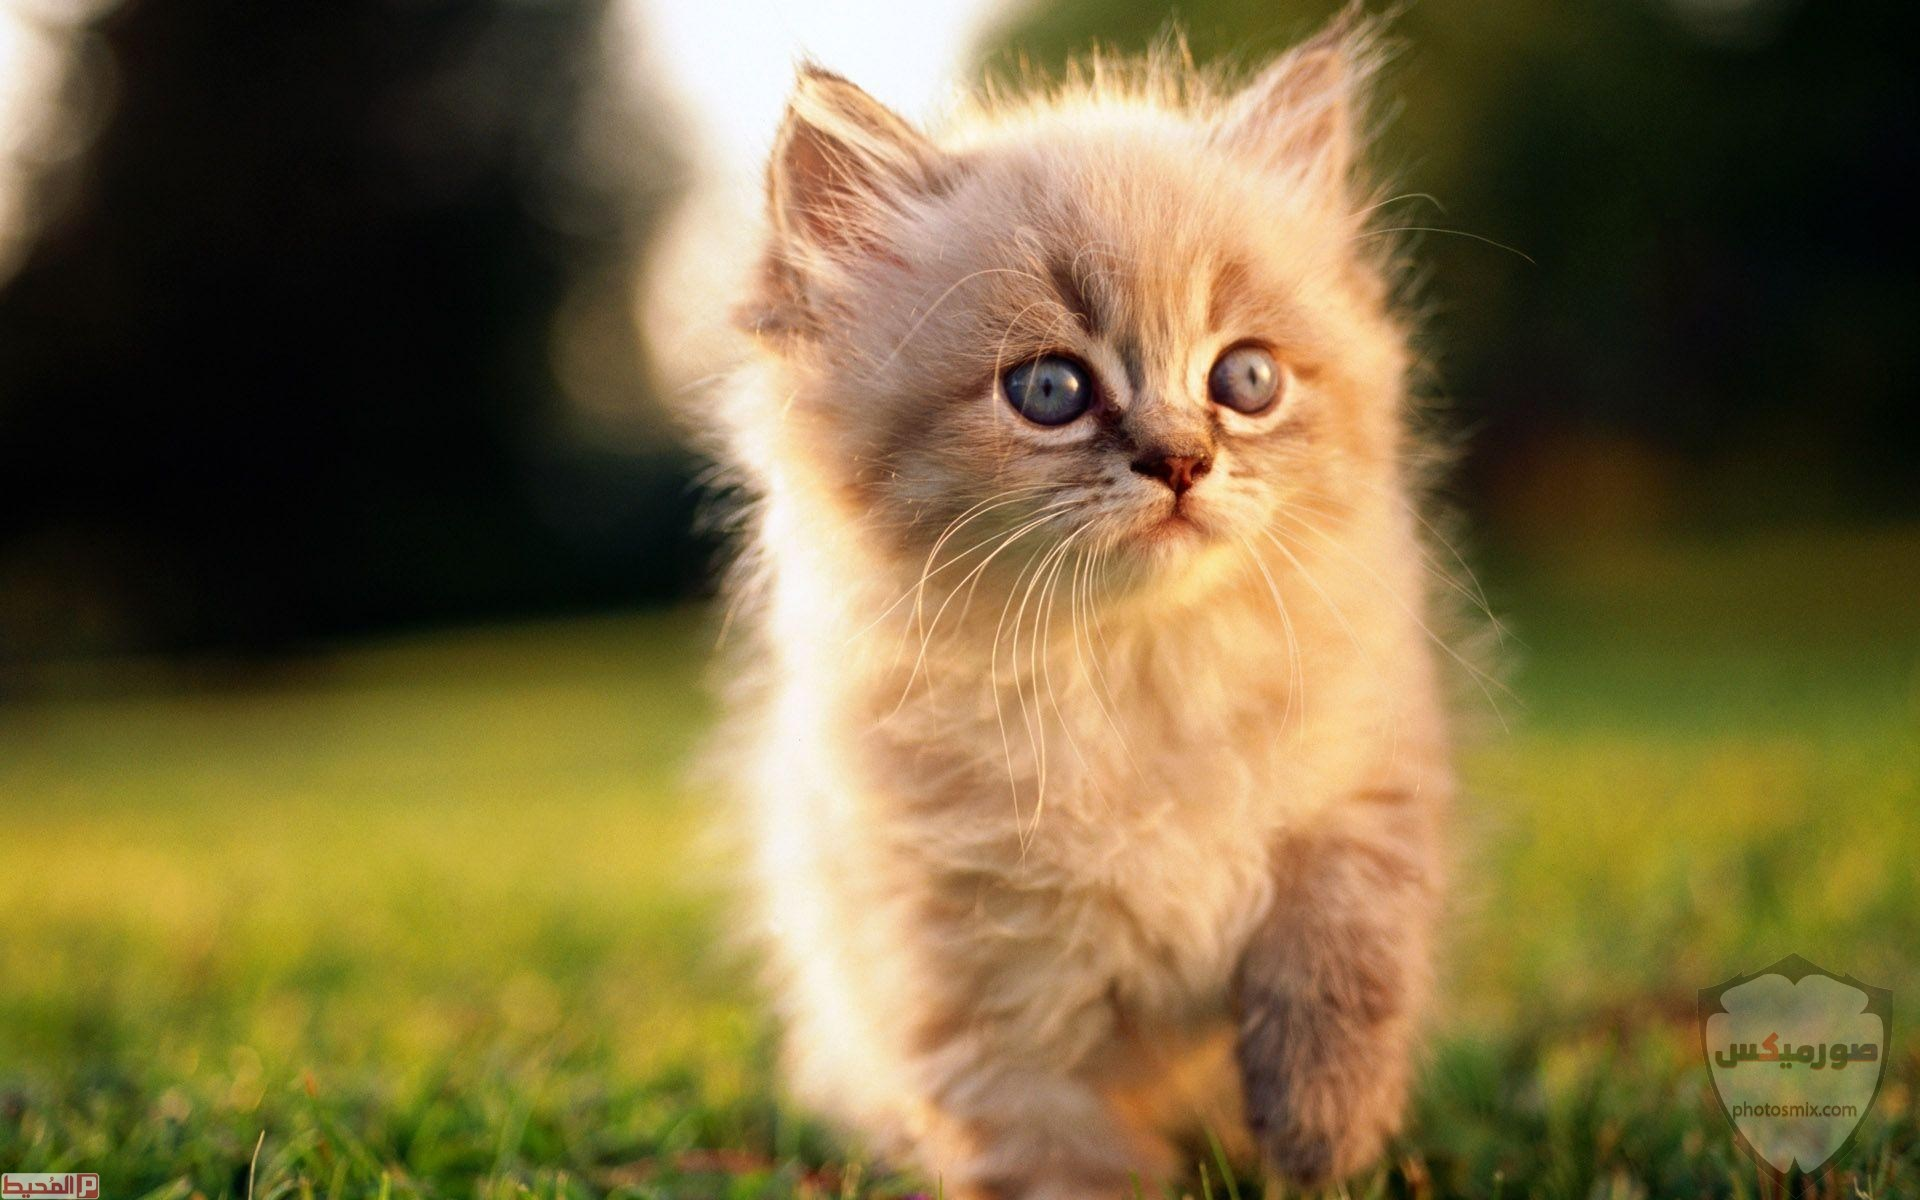 صور خلفيات رمزيات قطط كيوت صورة قطة كيوت جدا 9